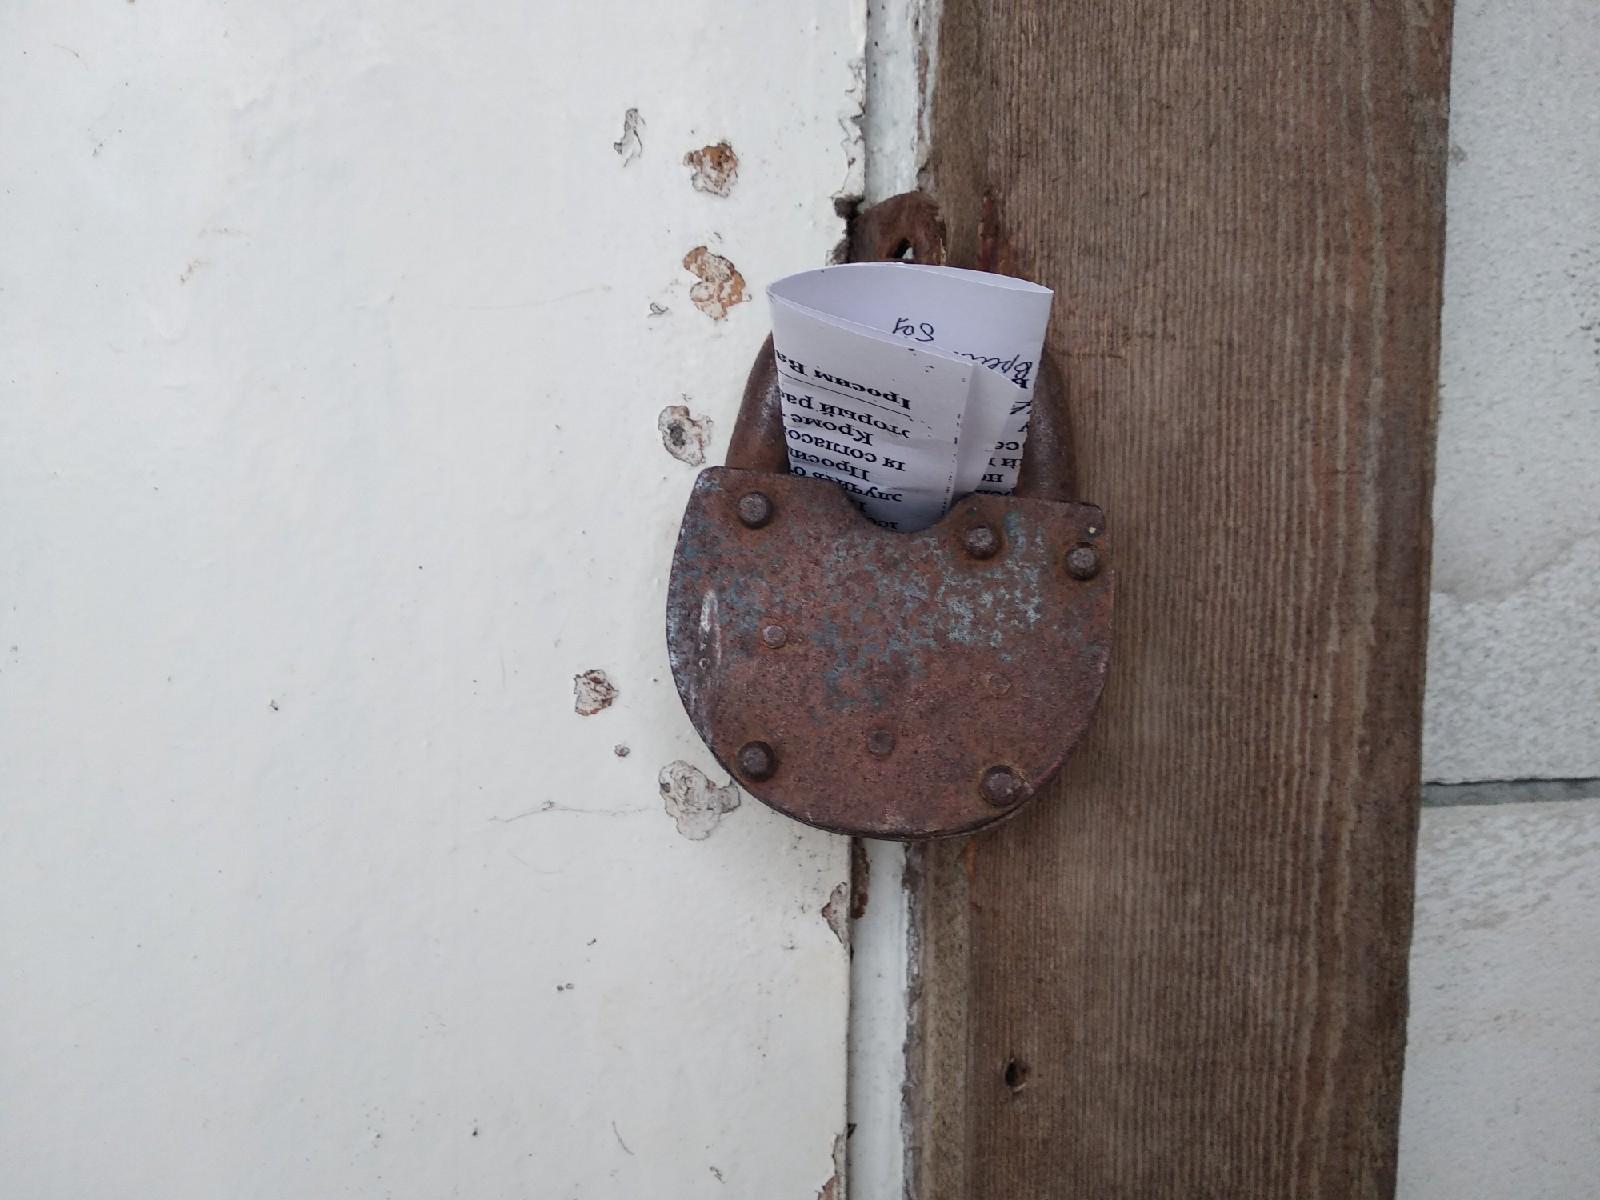 В некоторых домах нет ящиков для писем. Поэтому переписчик плотно фиксирует уведомление. Фото: Ирина Комик